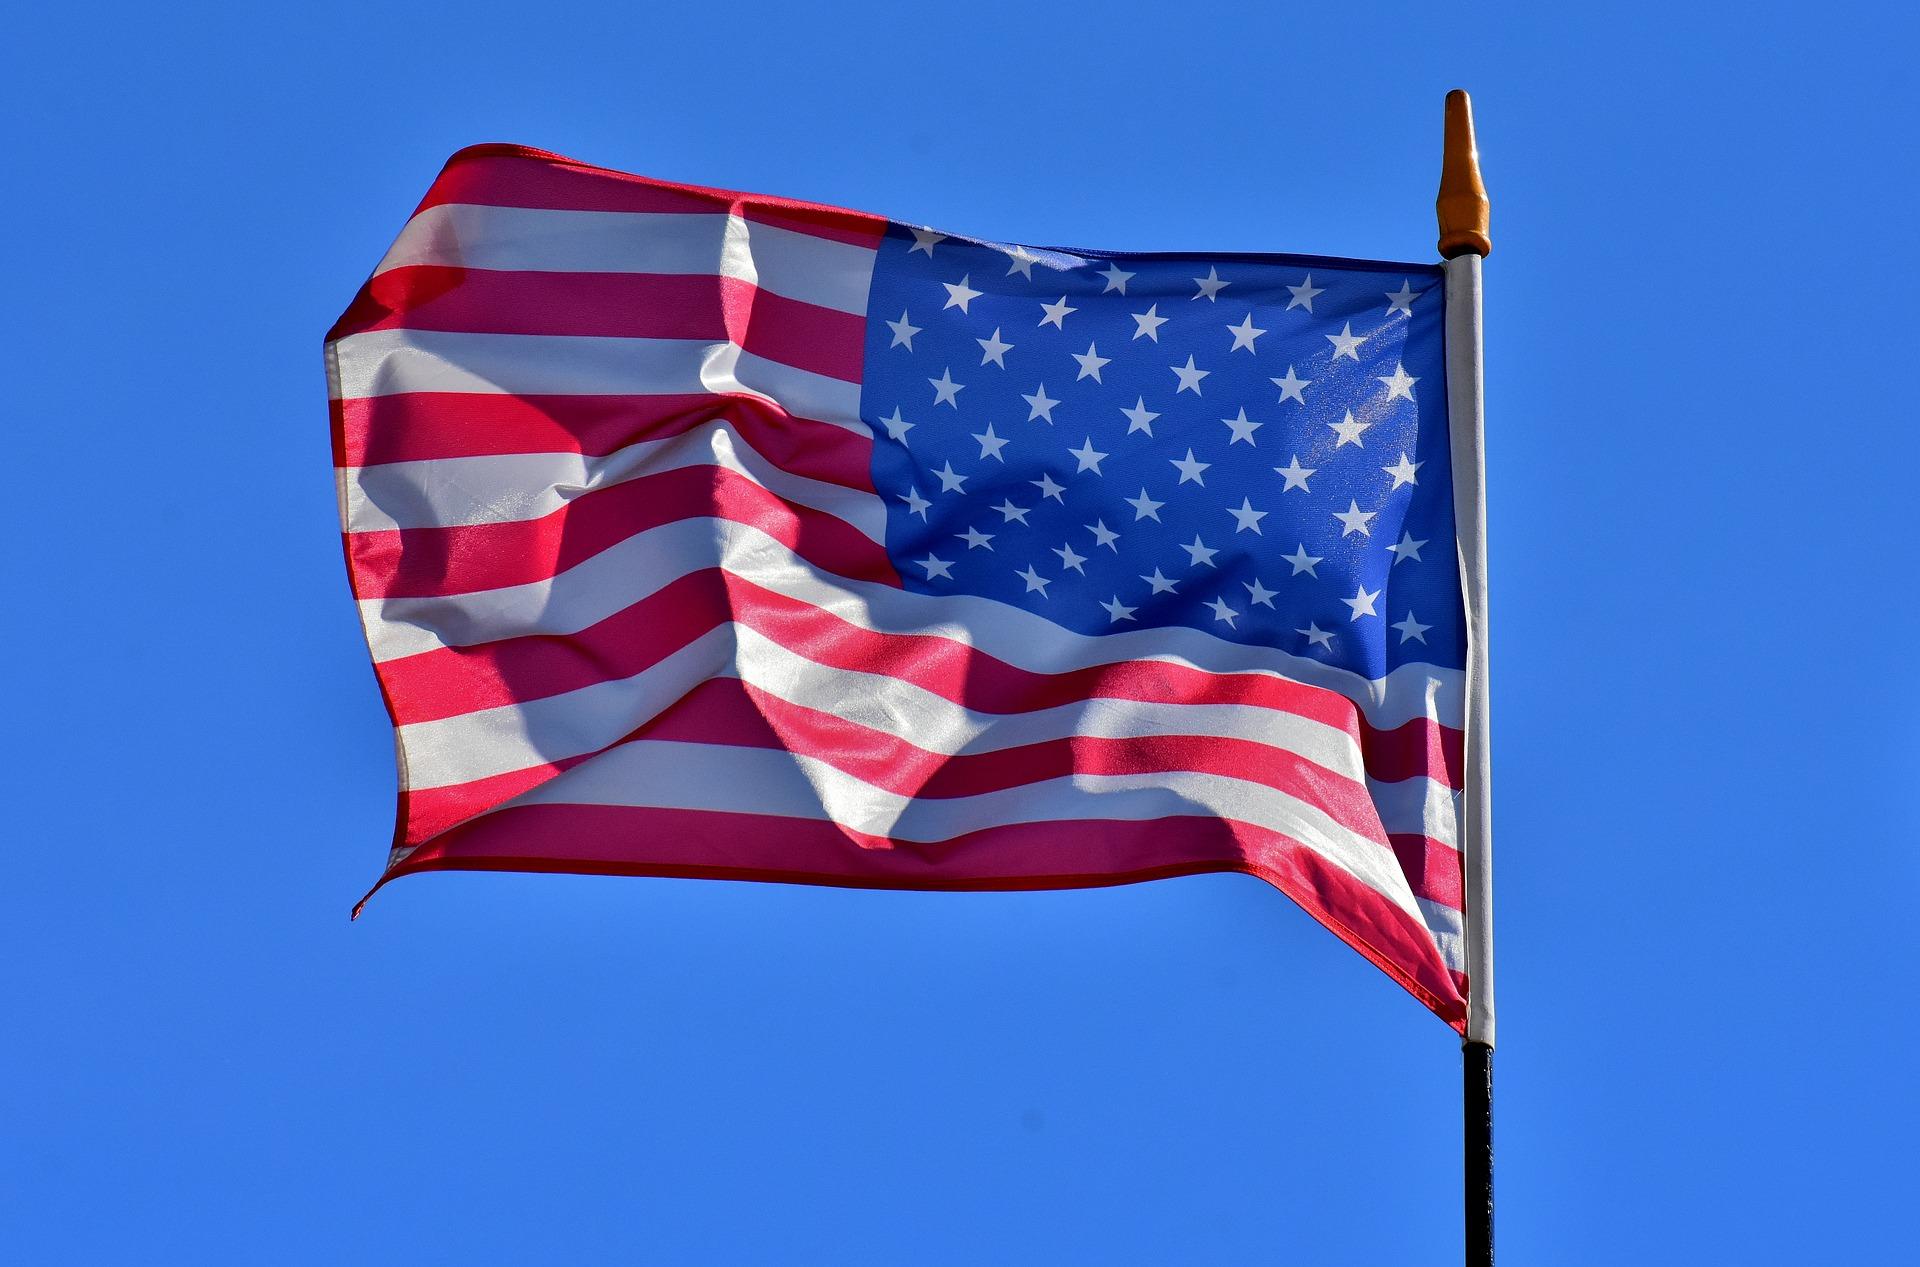 flag-3368374_1920 (1)